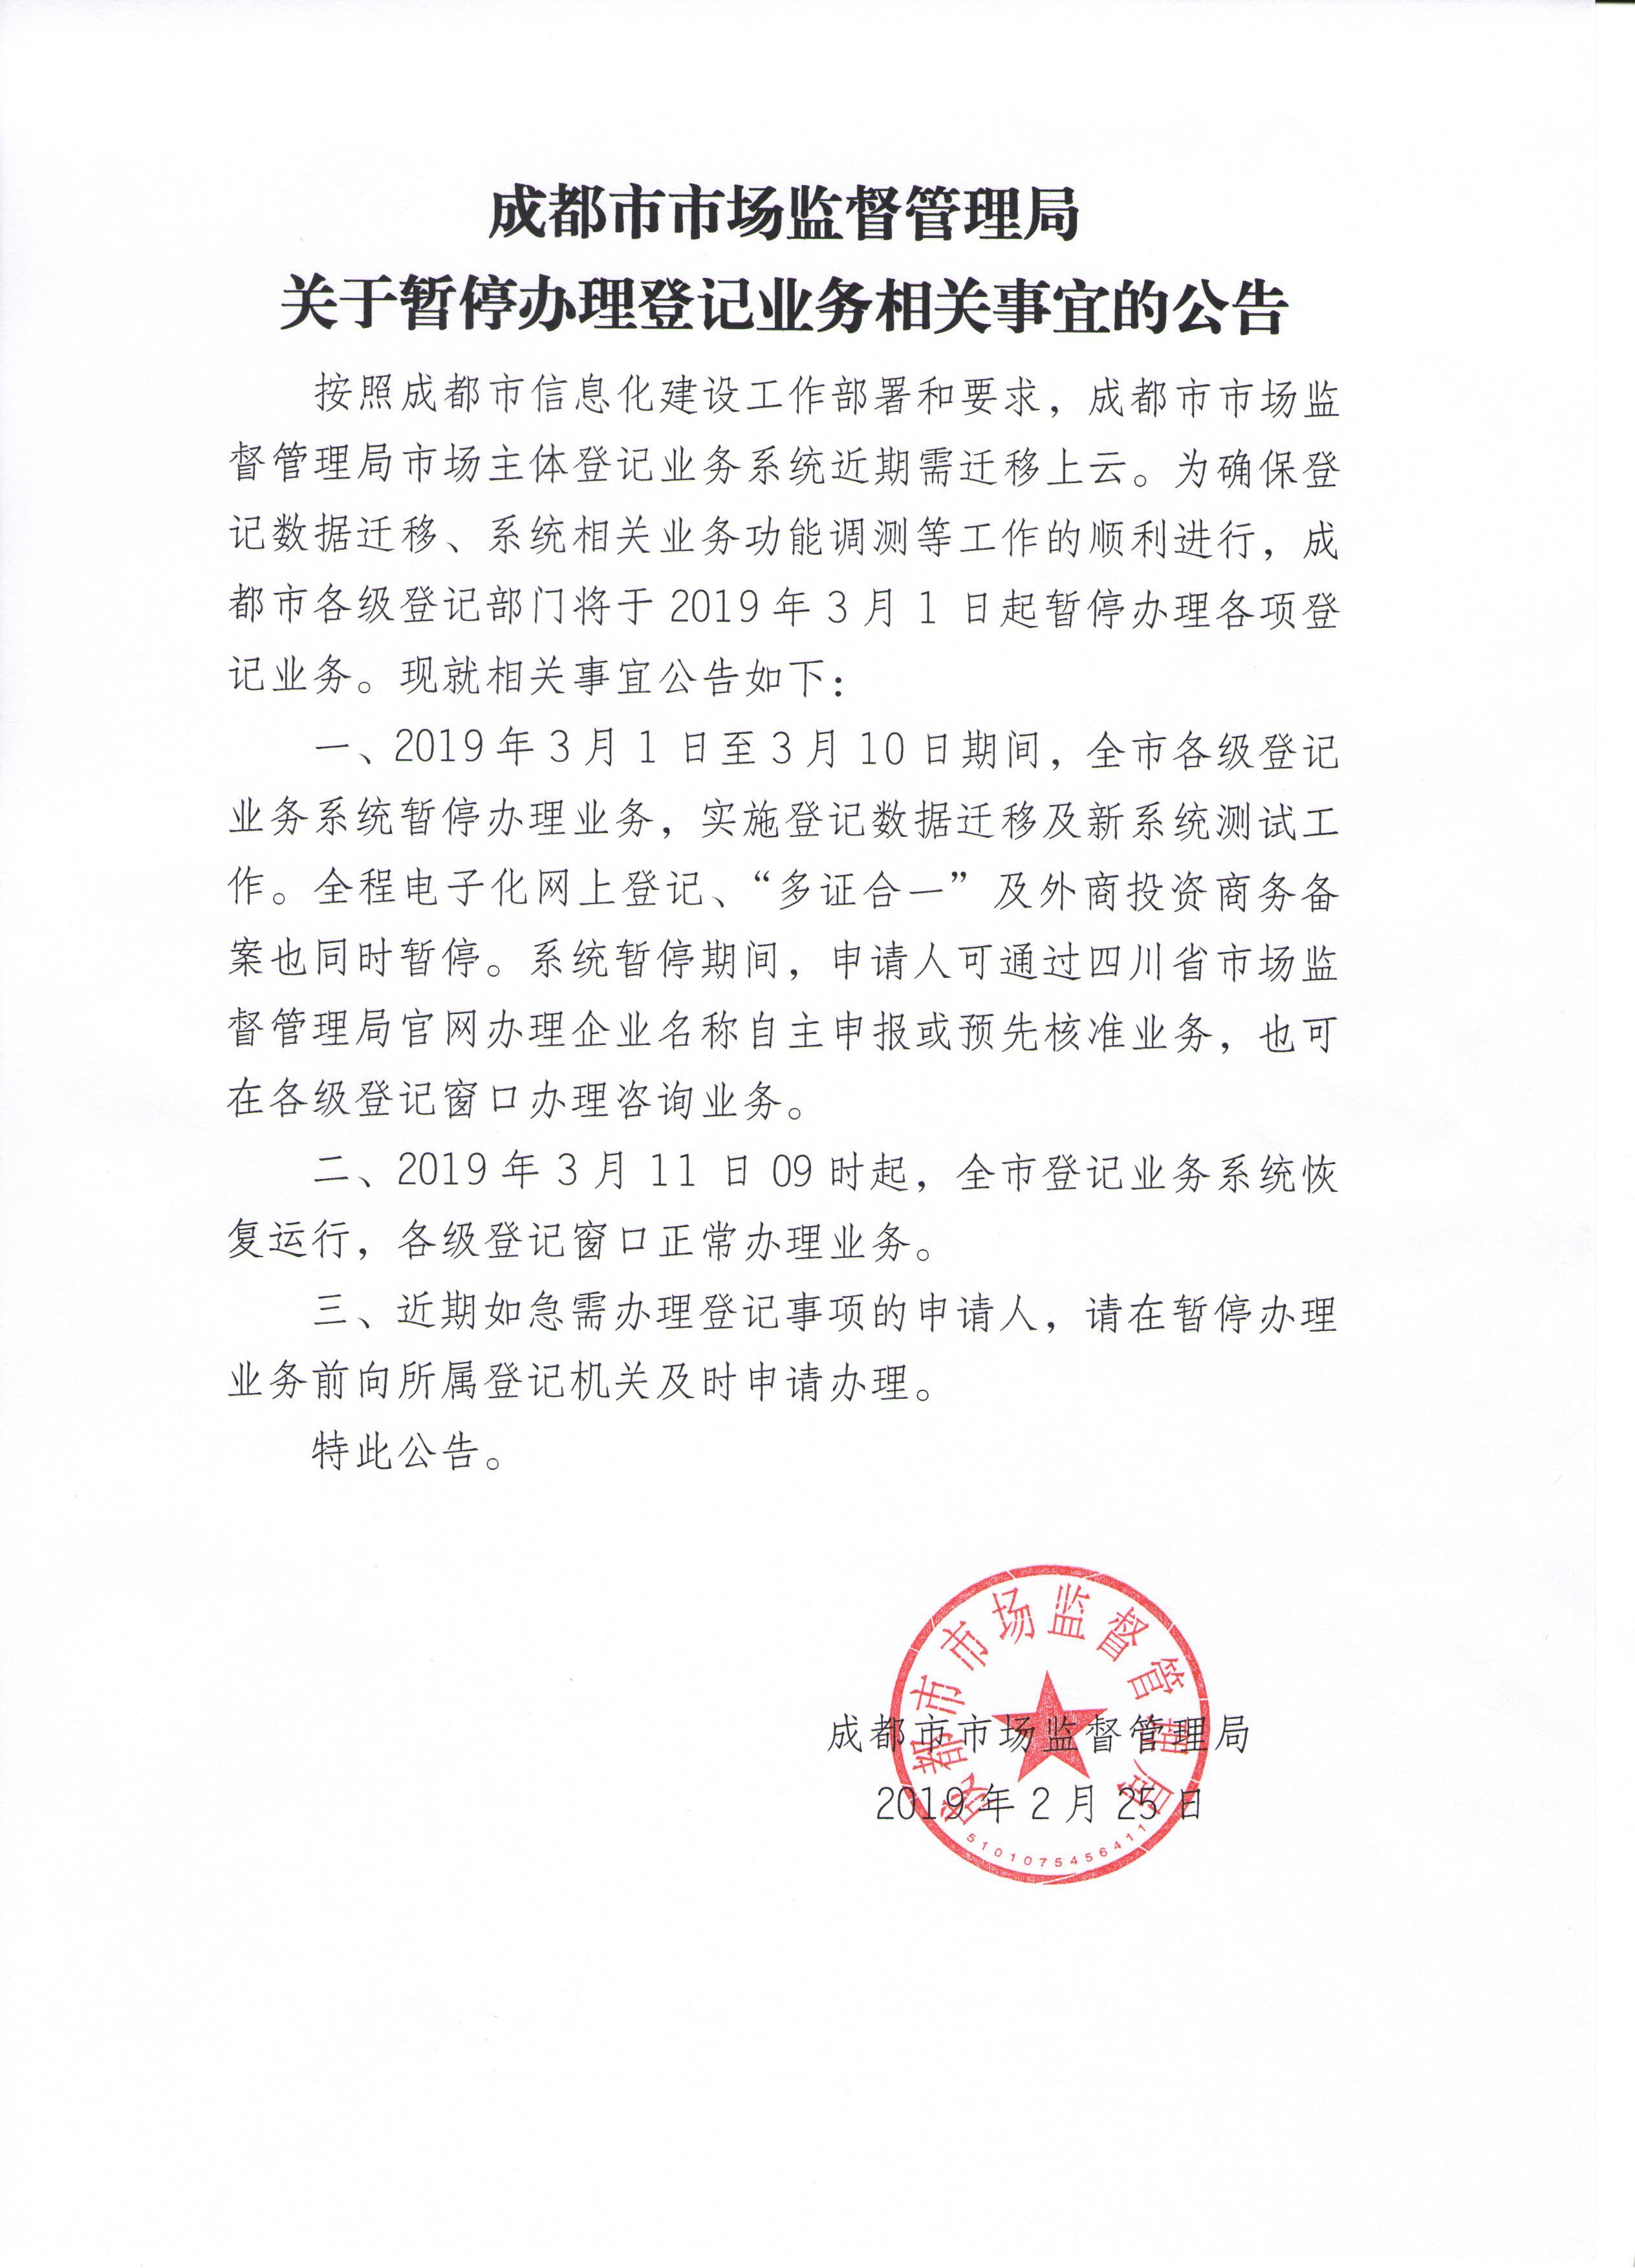 实用必看辞职了,社保暂停怎么办理呢?... 来自成都同城   微博